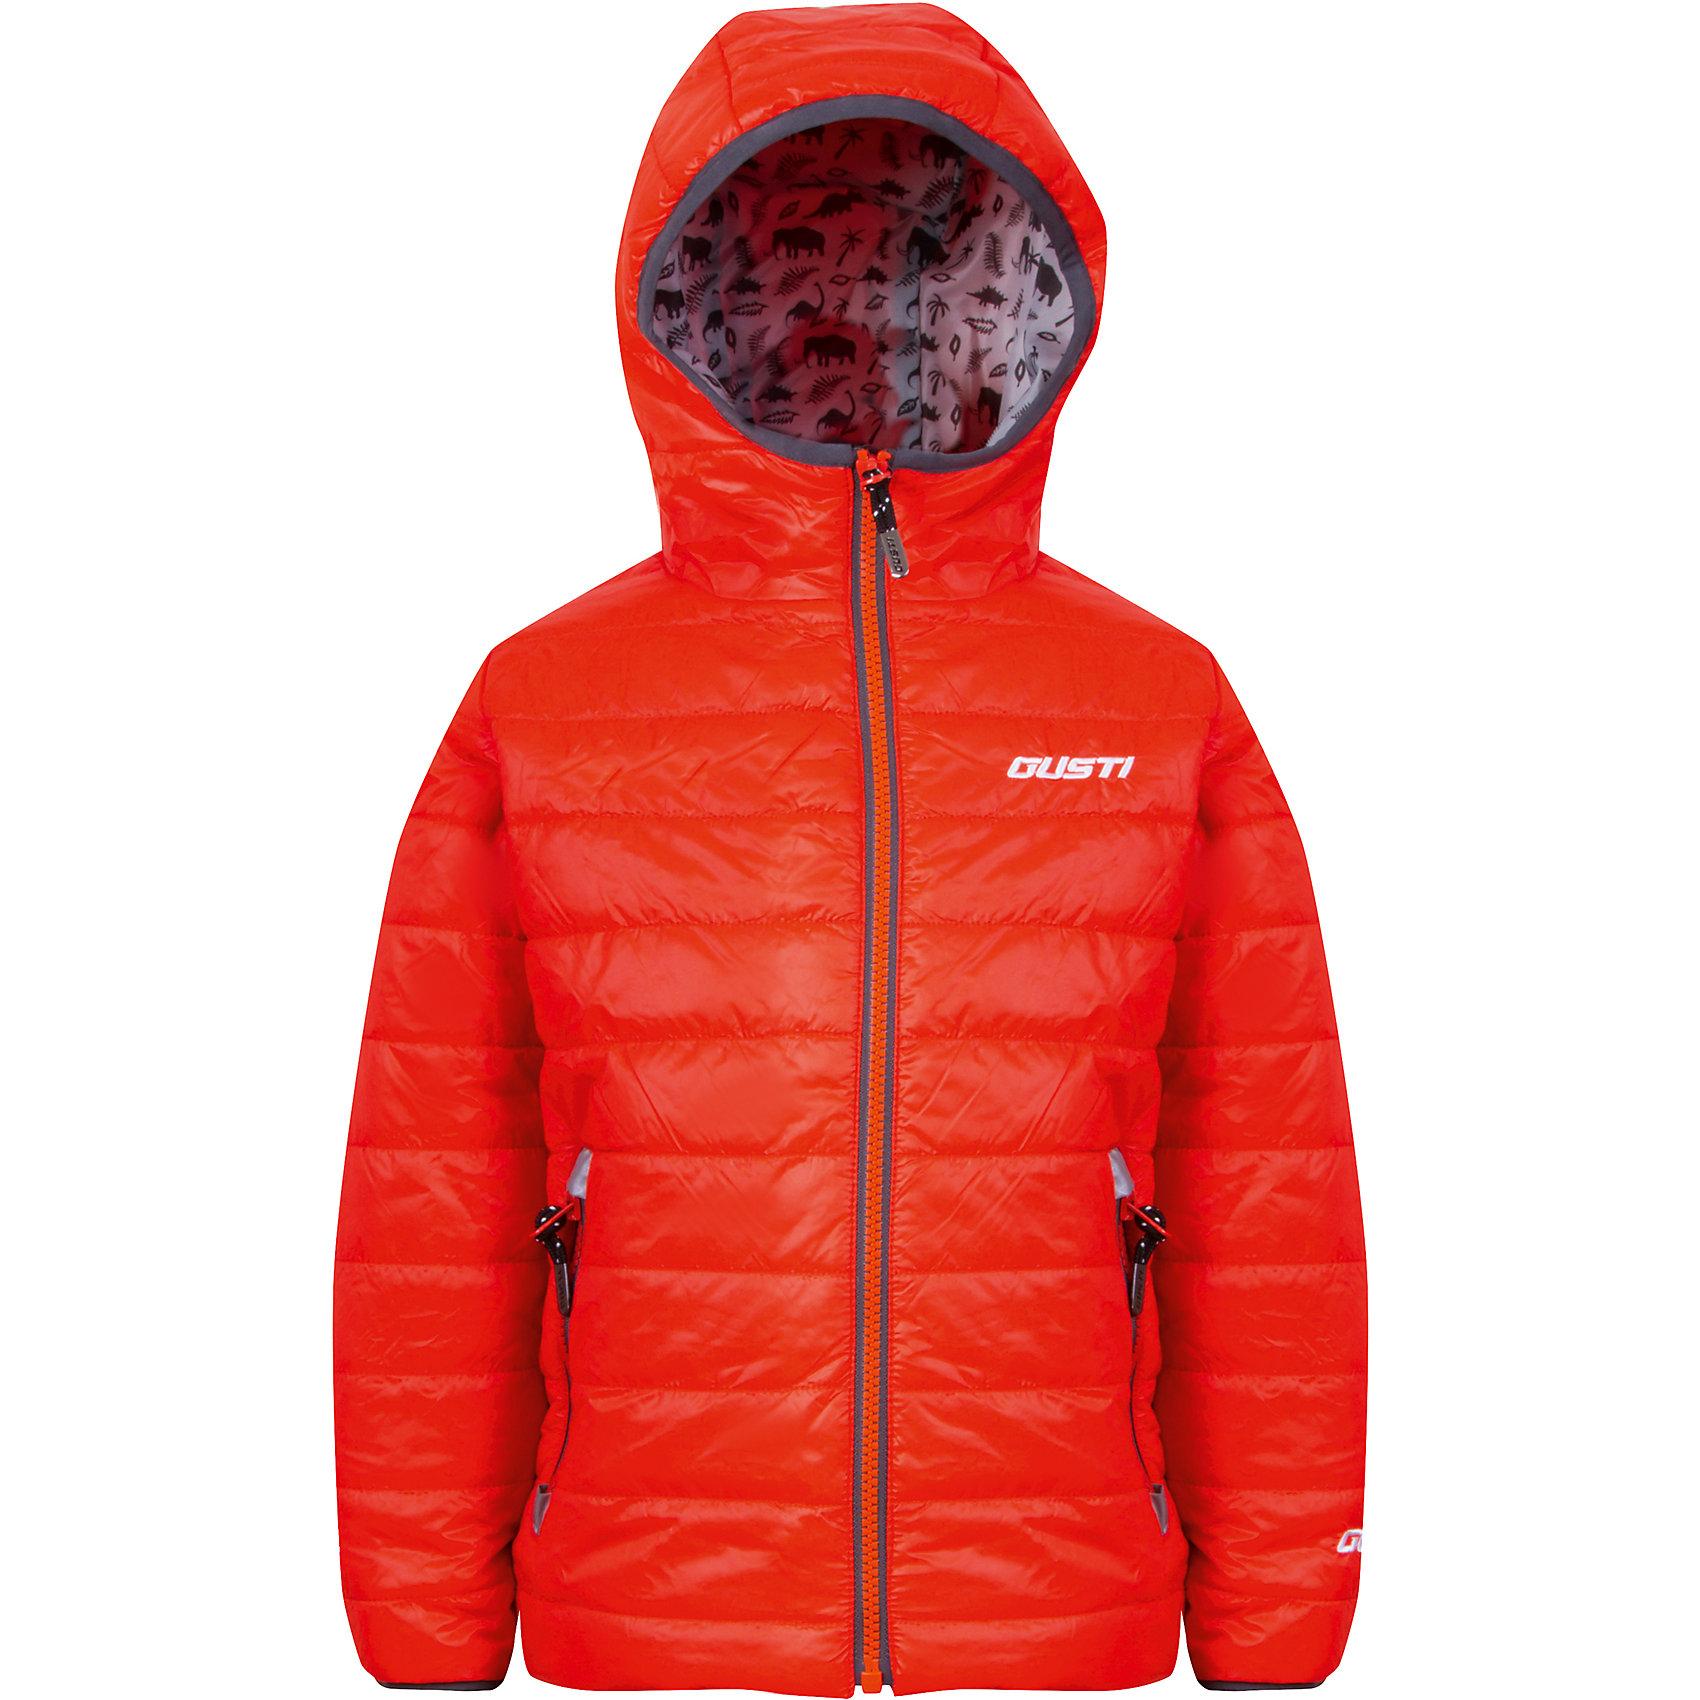 Куртка для мальчика GustiВерхняя одежда<br>Характеристики товара:<br><br>• цвет: оранжевый<br>• состав: 100% полиэстер, полиуретановое покрытие, подкладка - 100% полиэстер<br>• наполнитель: 100 гр teck polifill<br>• температурный режим: от +5° С до +15° С<br>• водонепроницаемый материал<br>• капюшон<br>• карманы<br>• водонепроницаемость: 2000 мм<br>• паропроницаемость: 2000 г/м2<br>• комфортная посадка<br>• светоотражающие элементы<br>• молния<br>• подкладка: таффета<br>• демисезонная<br>• страна бренда: Канада<br><br>Эта демисезонная куртка с мембранной технологией поможет обеспечить ребенку комфорт и тепло. Изделие удобно садится по фигуре, отлично смотрится с различным низом и обувью. Куртка модно выглядит, она хорошо защищает от ветра и влаги. Материал отлично подходит для дождливой погоды. Стильный дизайн разрабатывался специально для детей.<br><br>Куртку для мальчика от известного бренда Gusti (Густи) можно купить в нашем интернет-магазине.<br><br>Ширина мм: 356<br>Глубина мм: 10<br>Высота мм: 245<br>Вес г: 519<br>Цвет: оранжевый<br>Возраст от месяцев: 18<br>Возраст до месяцев: 24<br>Пол: Мужской<br>Возраст: Детский<br>Размер: 92,98,104,110,116,120,122,128,140,152<br>SKU: 5452414